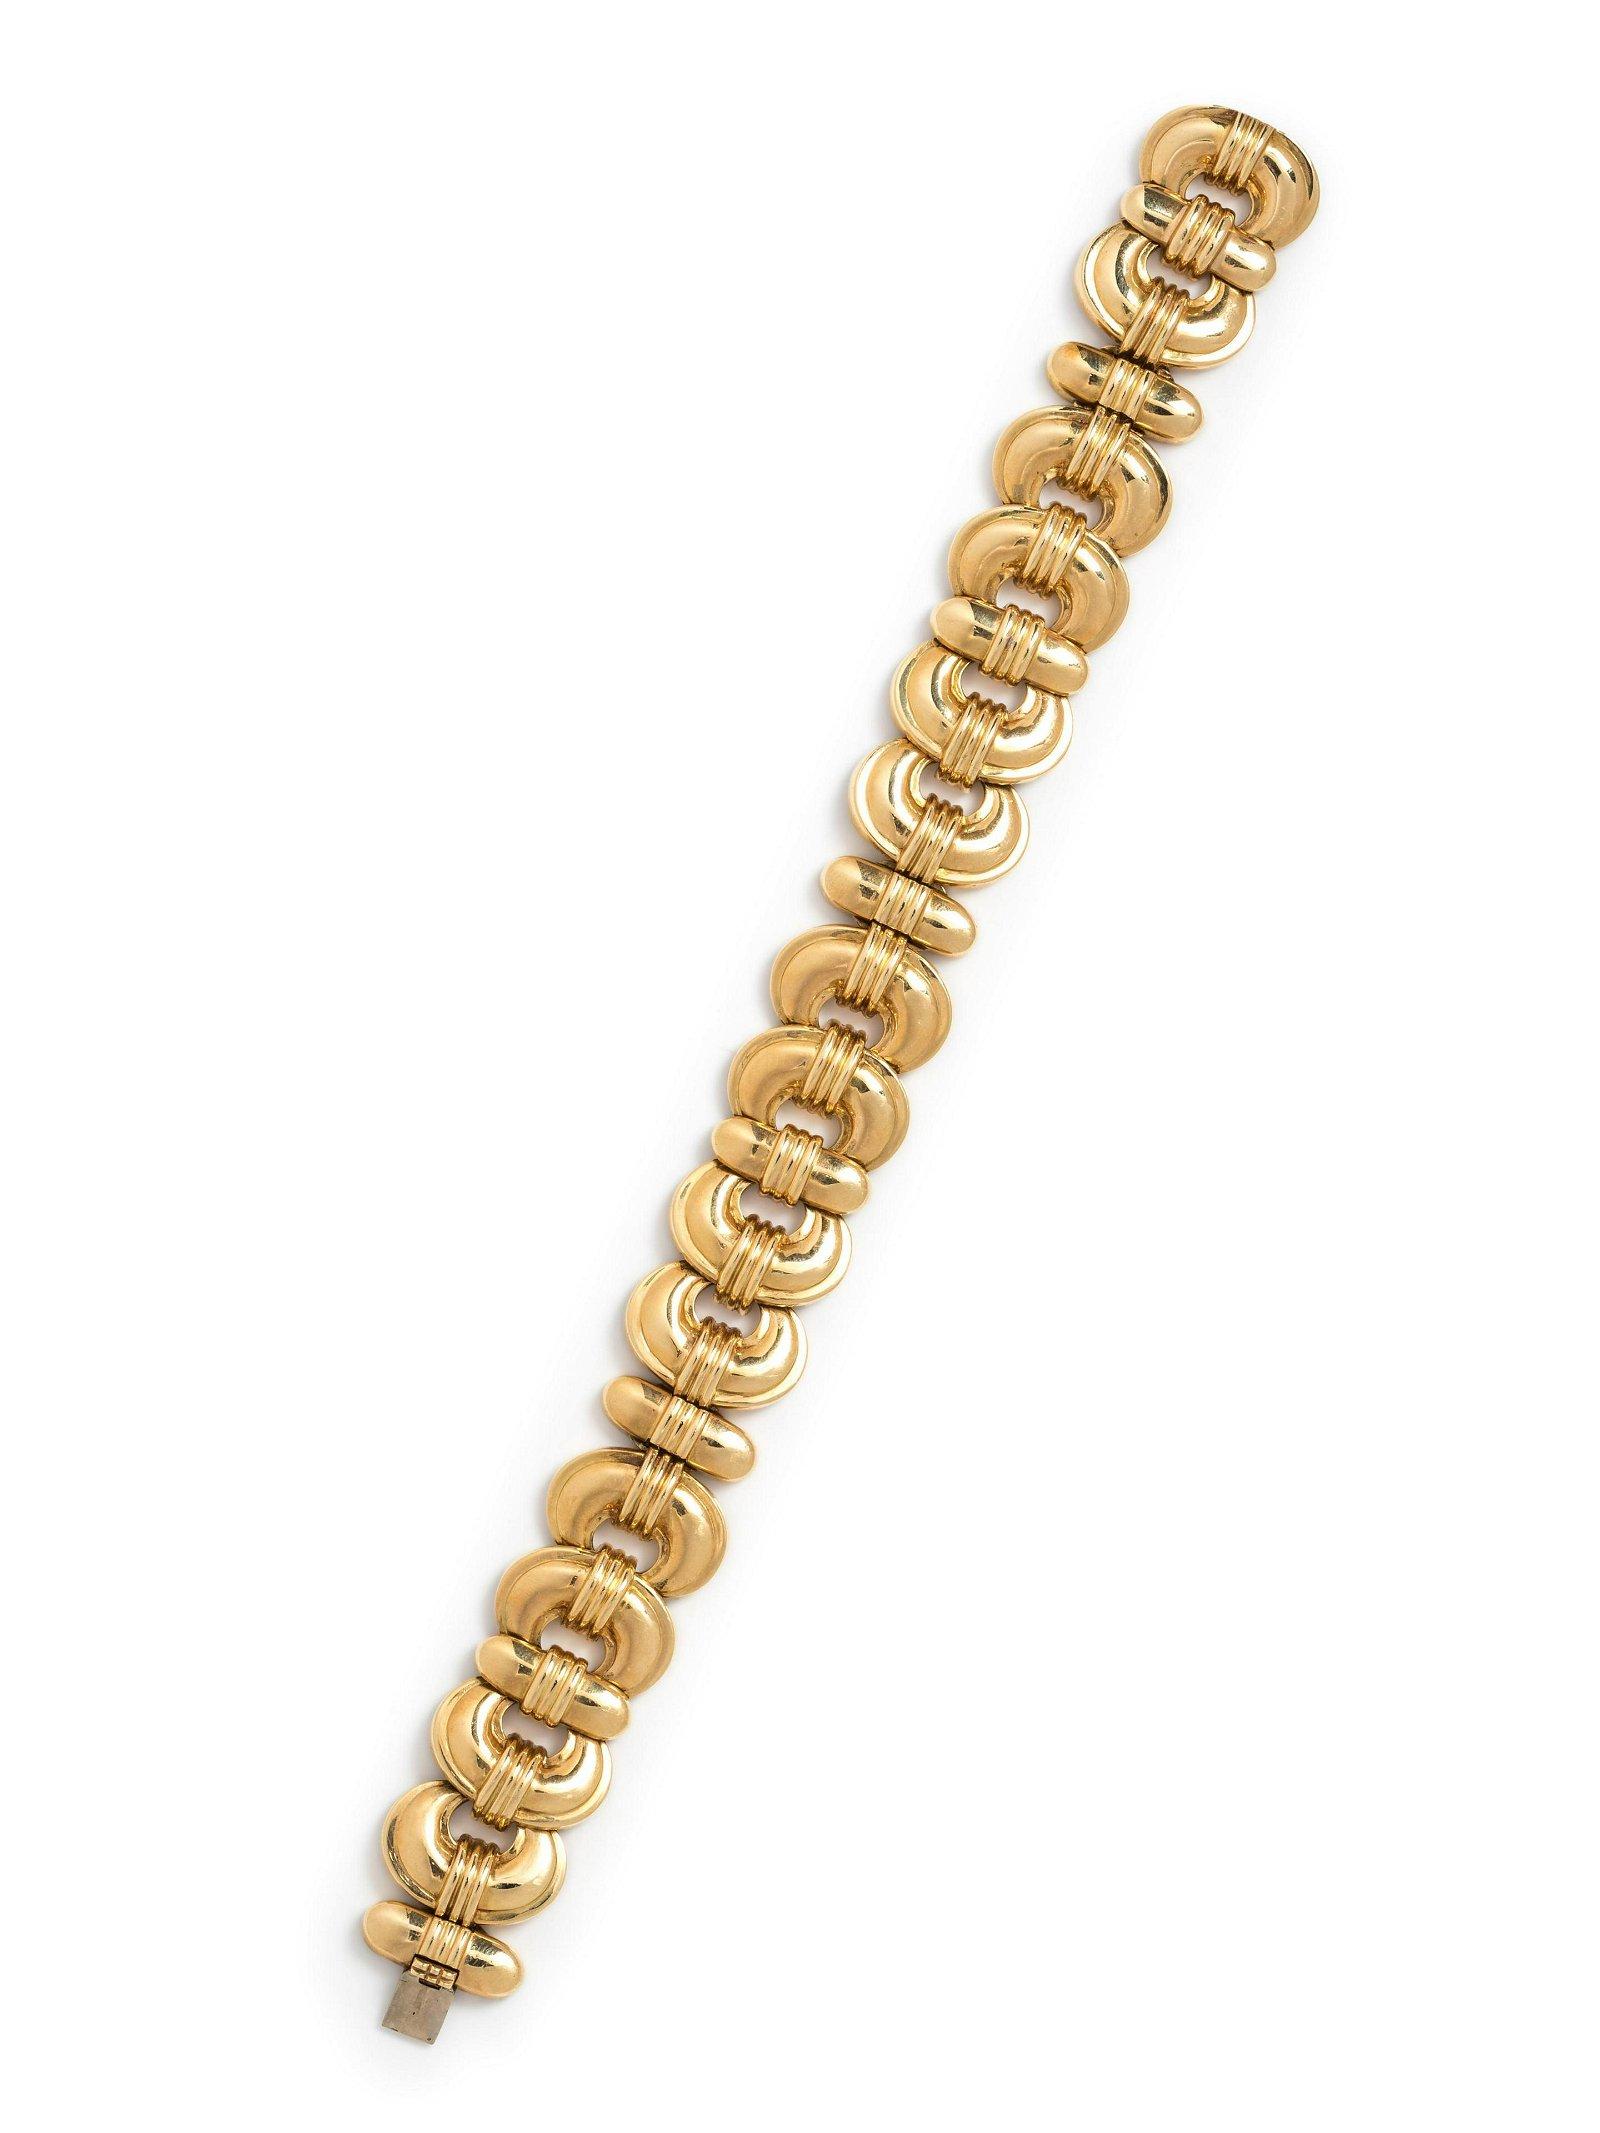 Susan Berman, Gold Link Bracelet